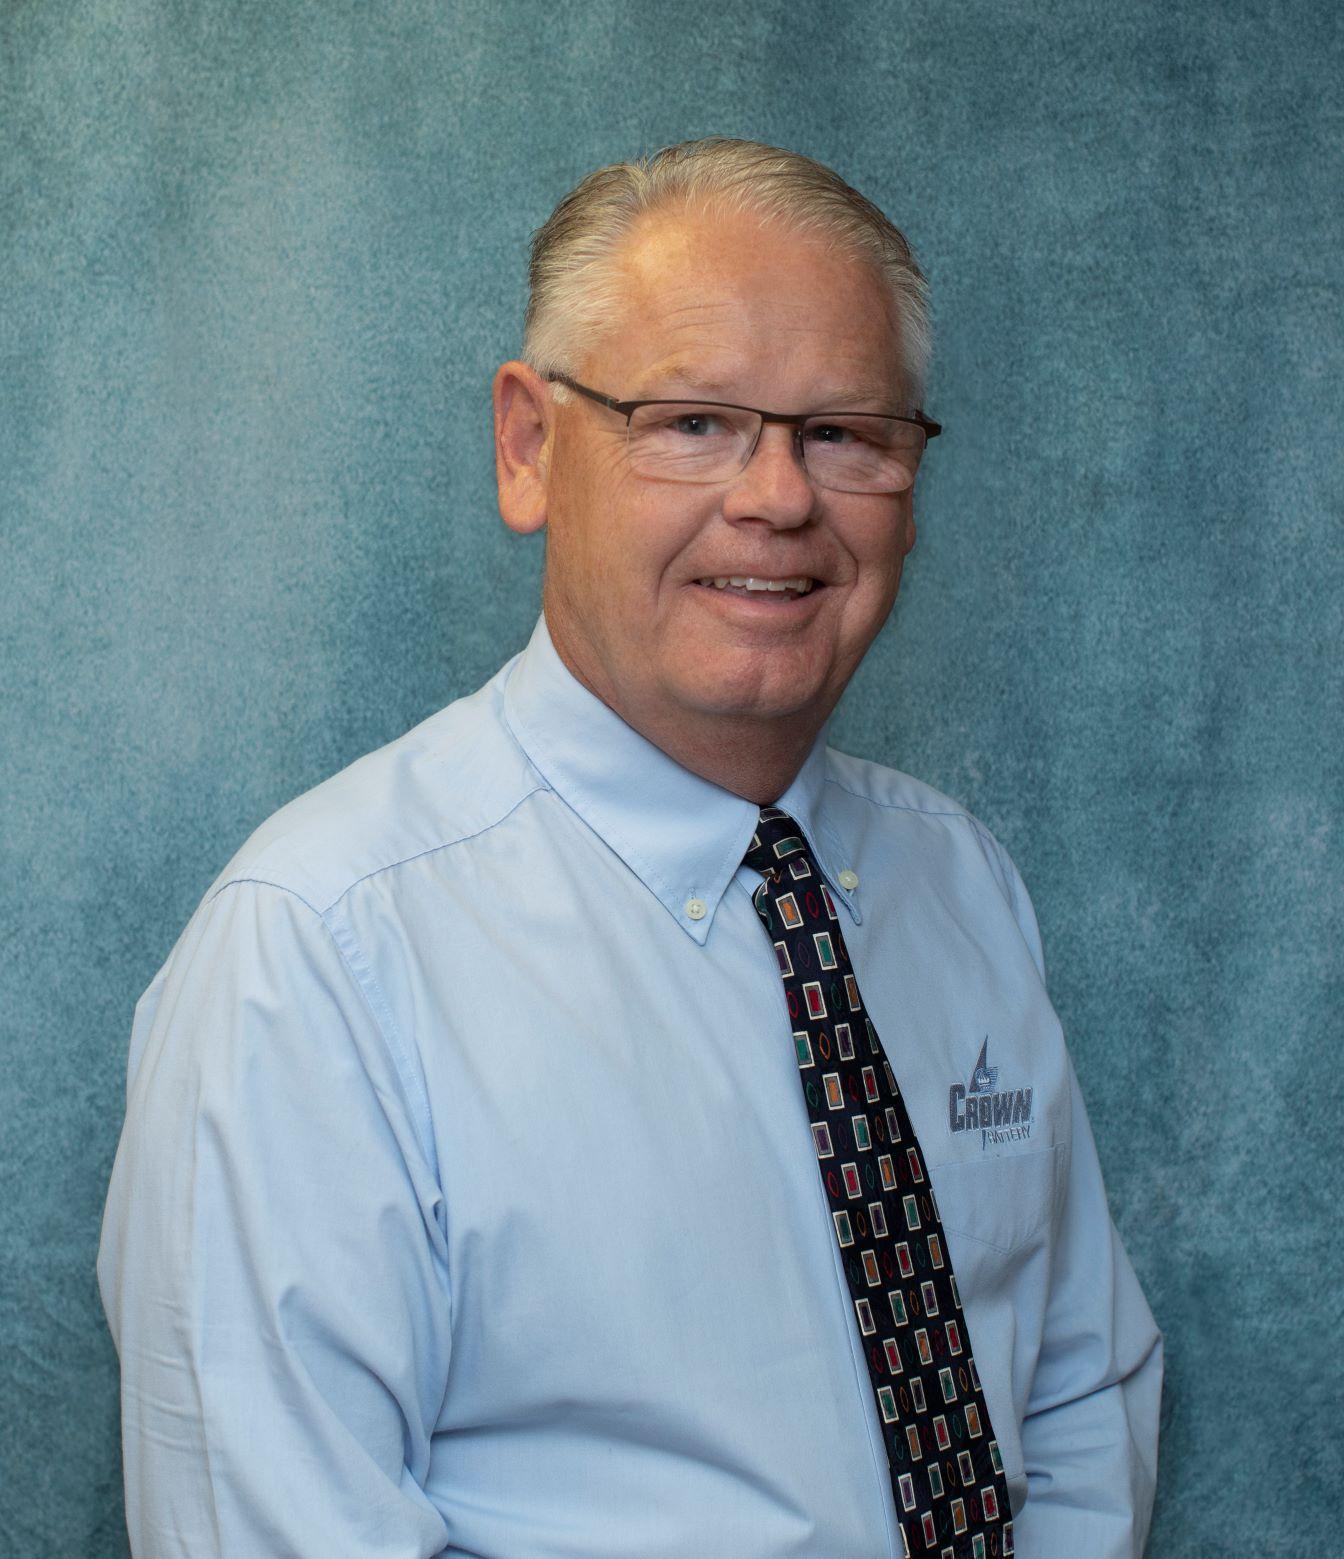 Tim Piercefield